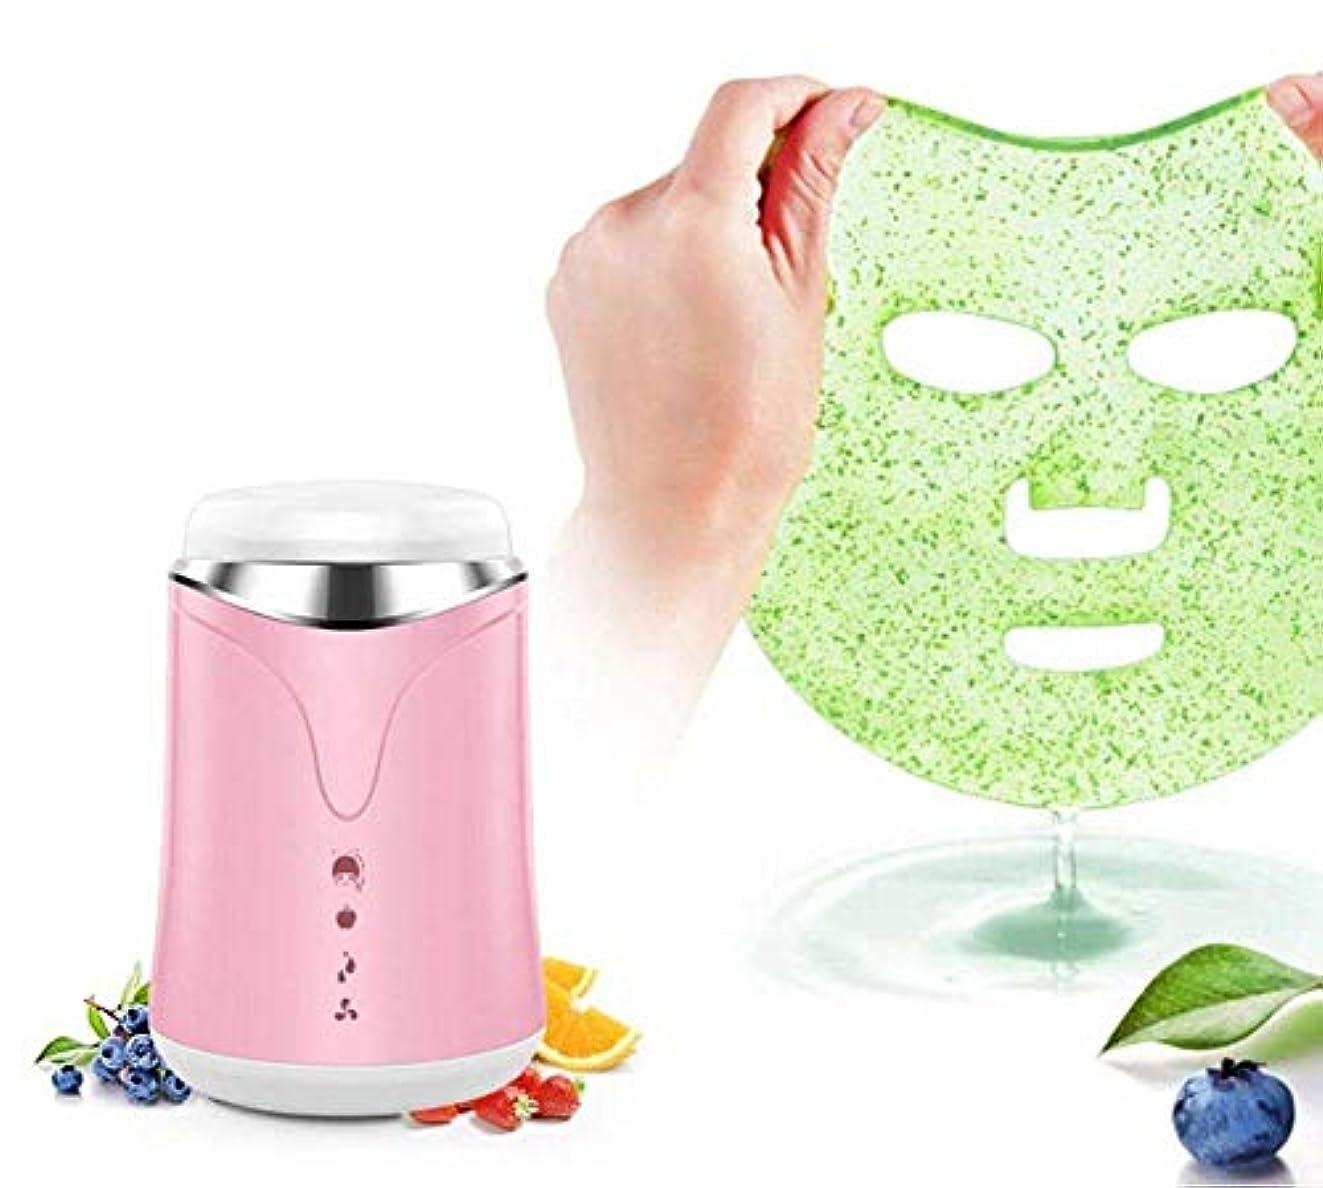 準備新しさテーブル果物と野菜のマスクを作るマシン、顔の汽船インテリジェント自動フェイシャルケア機器/保湿美容機器自家製の液体マスク,Pink